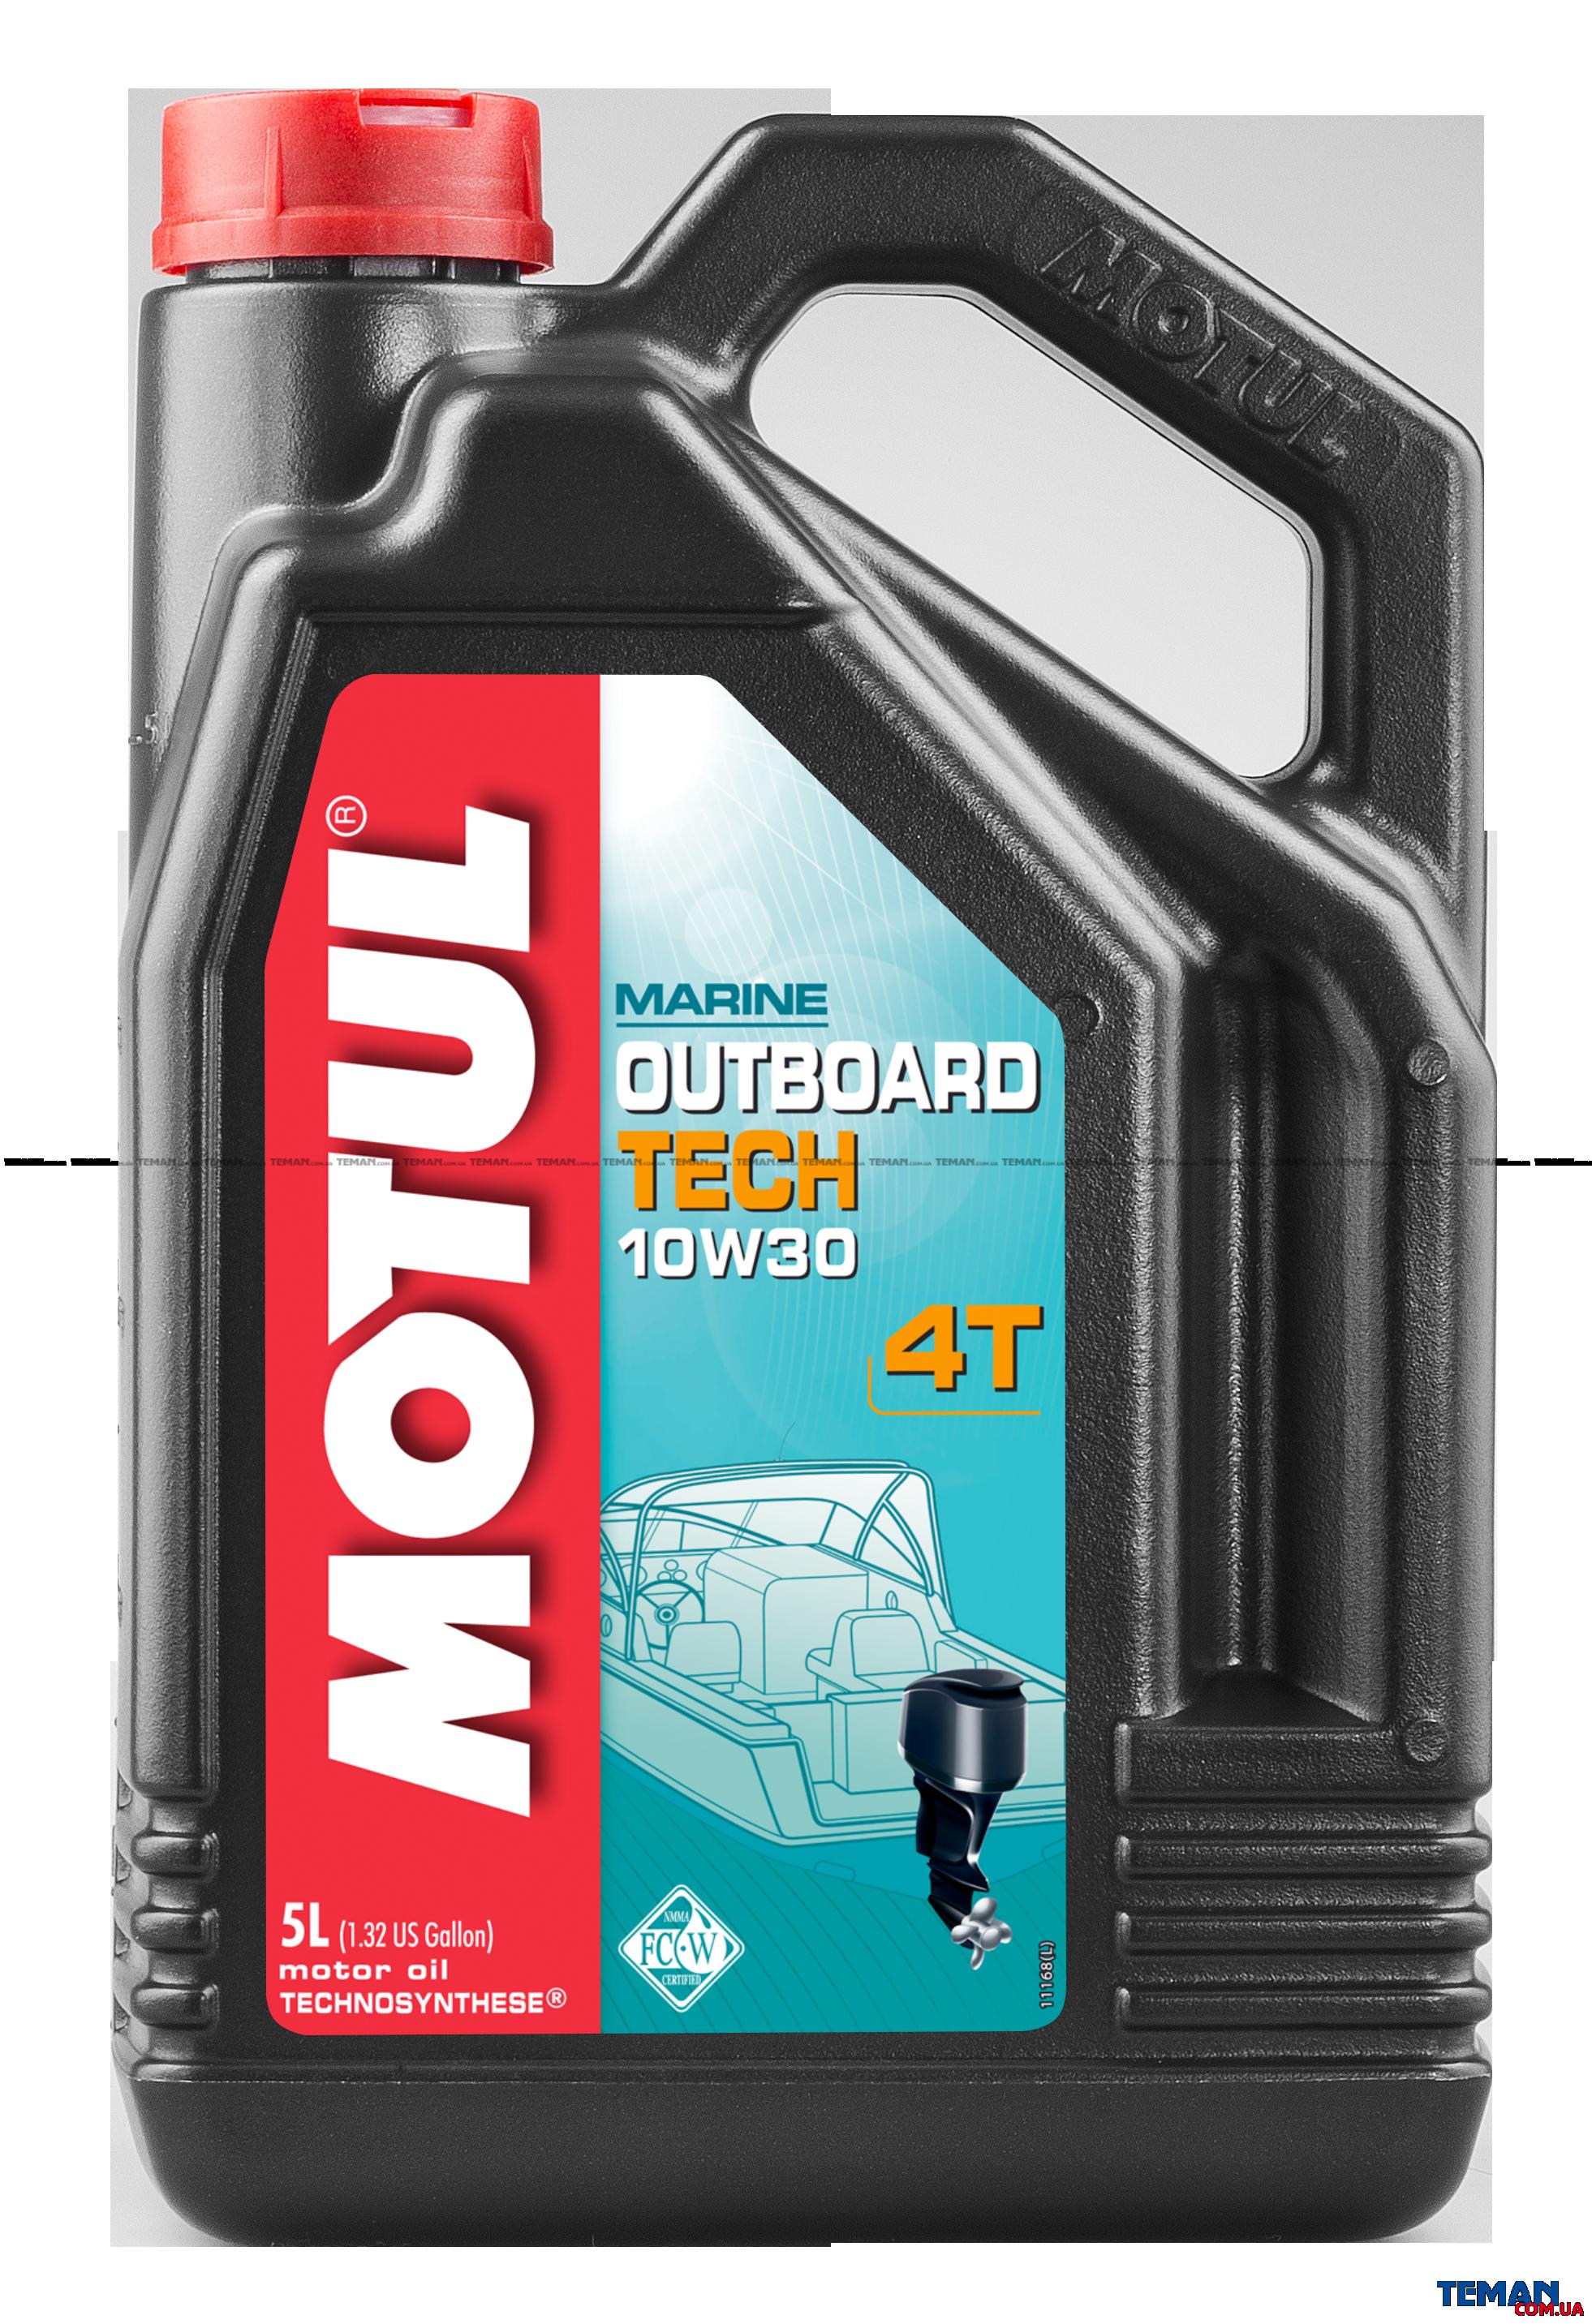 Масло для 4-х тактных бензиновых двигателей Outboard Tech 4T SAE 10W30, 5 л